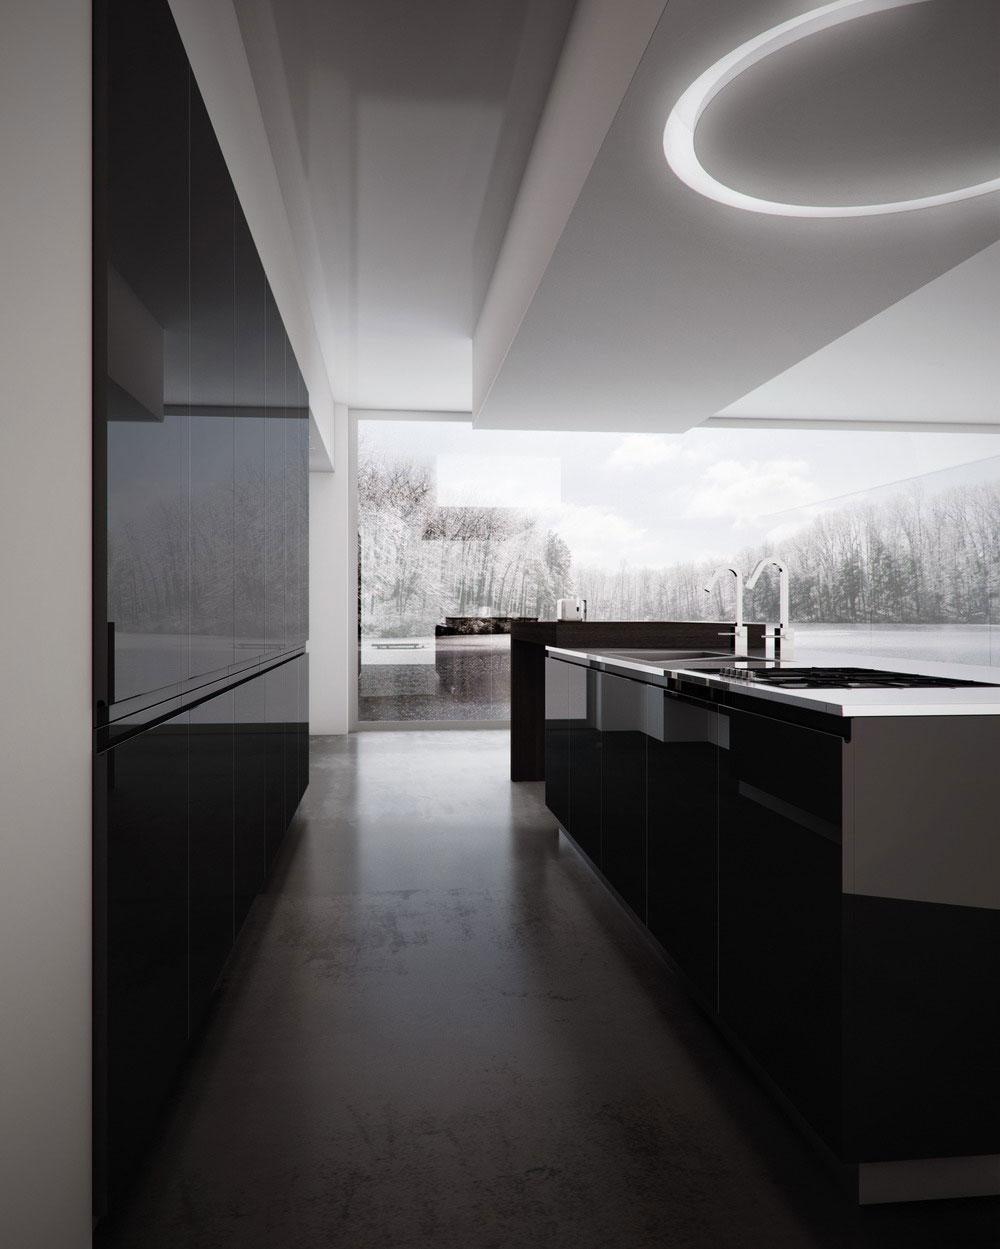 Ilot de cuisine 16   photo de cuisine moderne design contemporaine ...